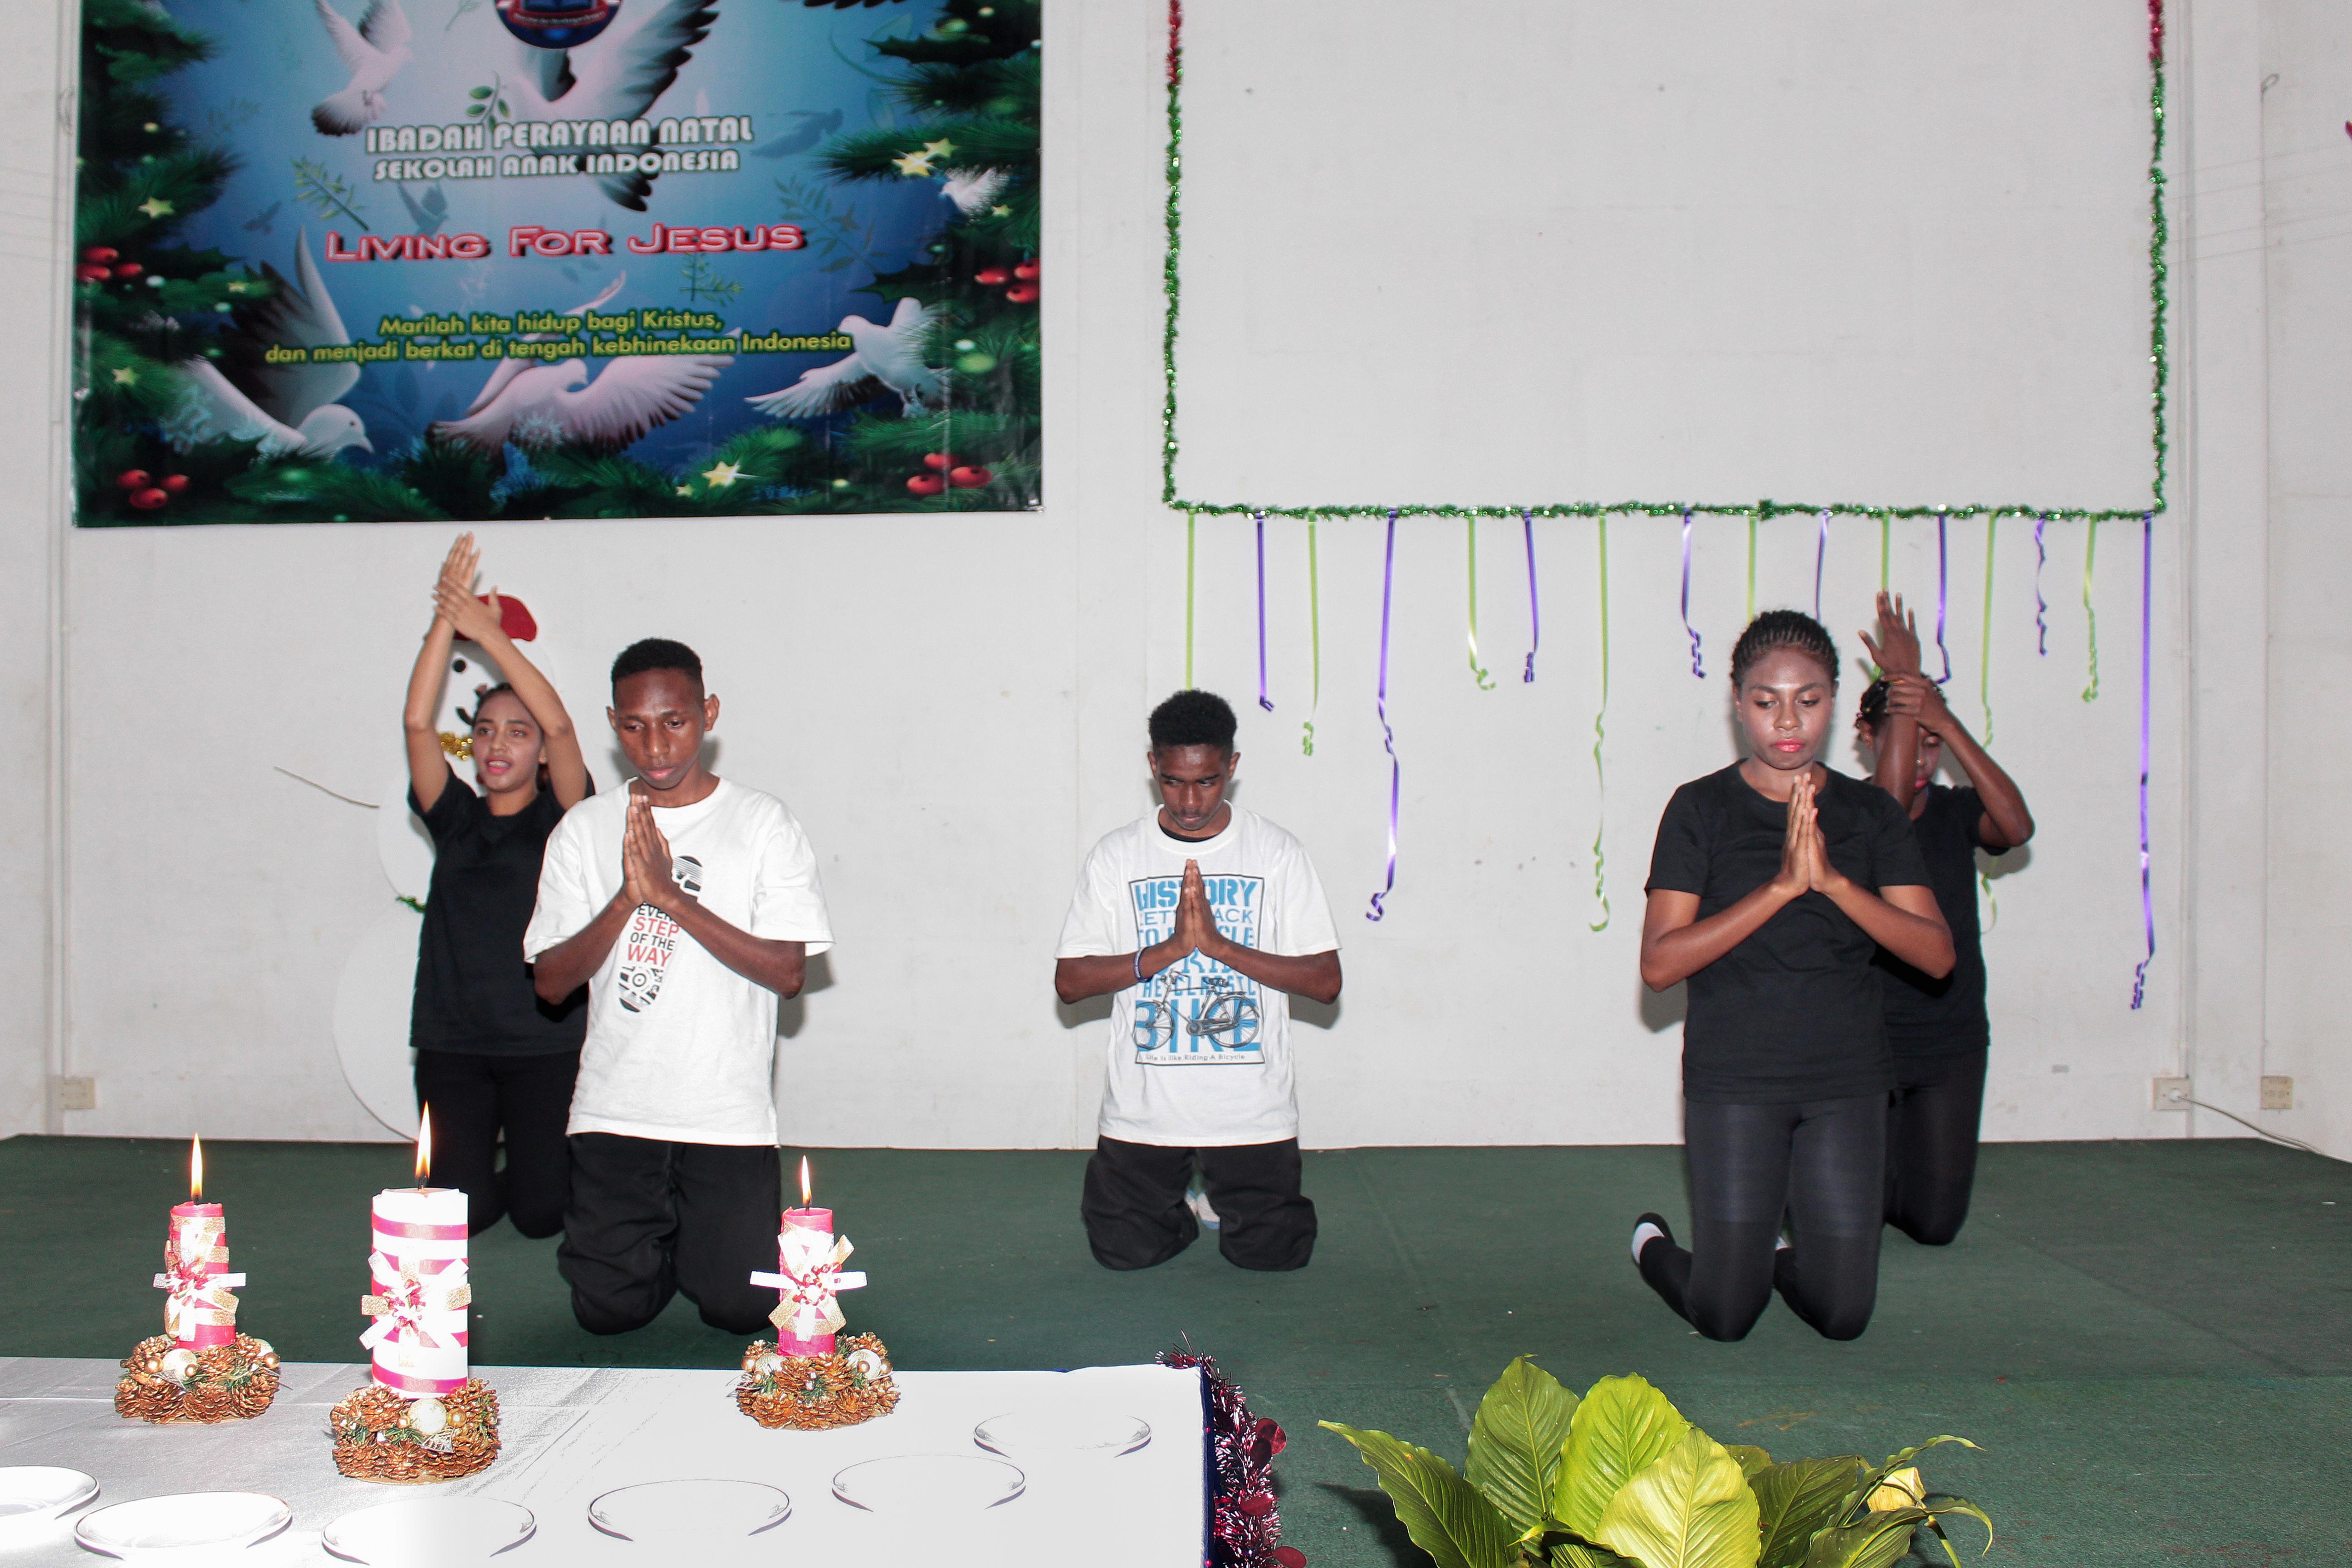 Sekolah anak inodoneia-Natal-sekolah papua-natal 2016-sekolah anak papua-perayaan natal papua-perayaan natal anak papua-penyelaaan lilin natal papua-SAI